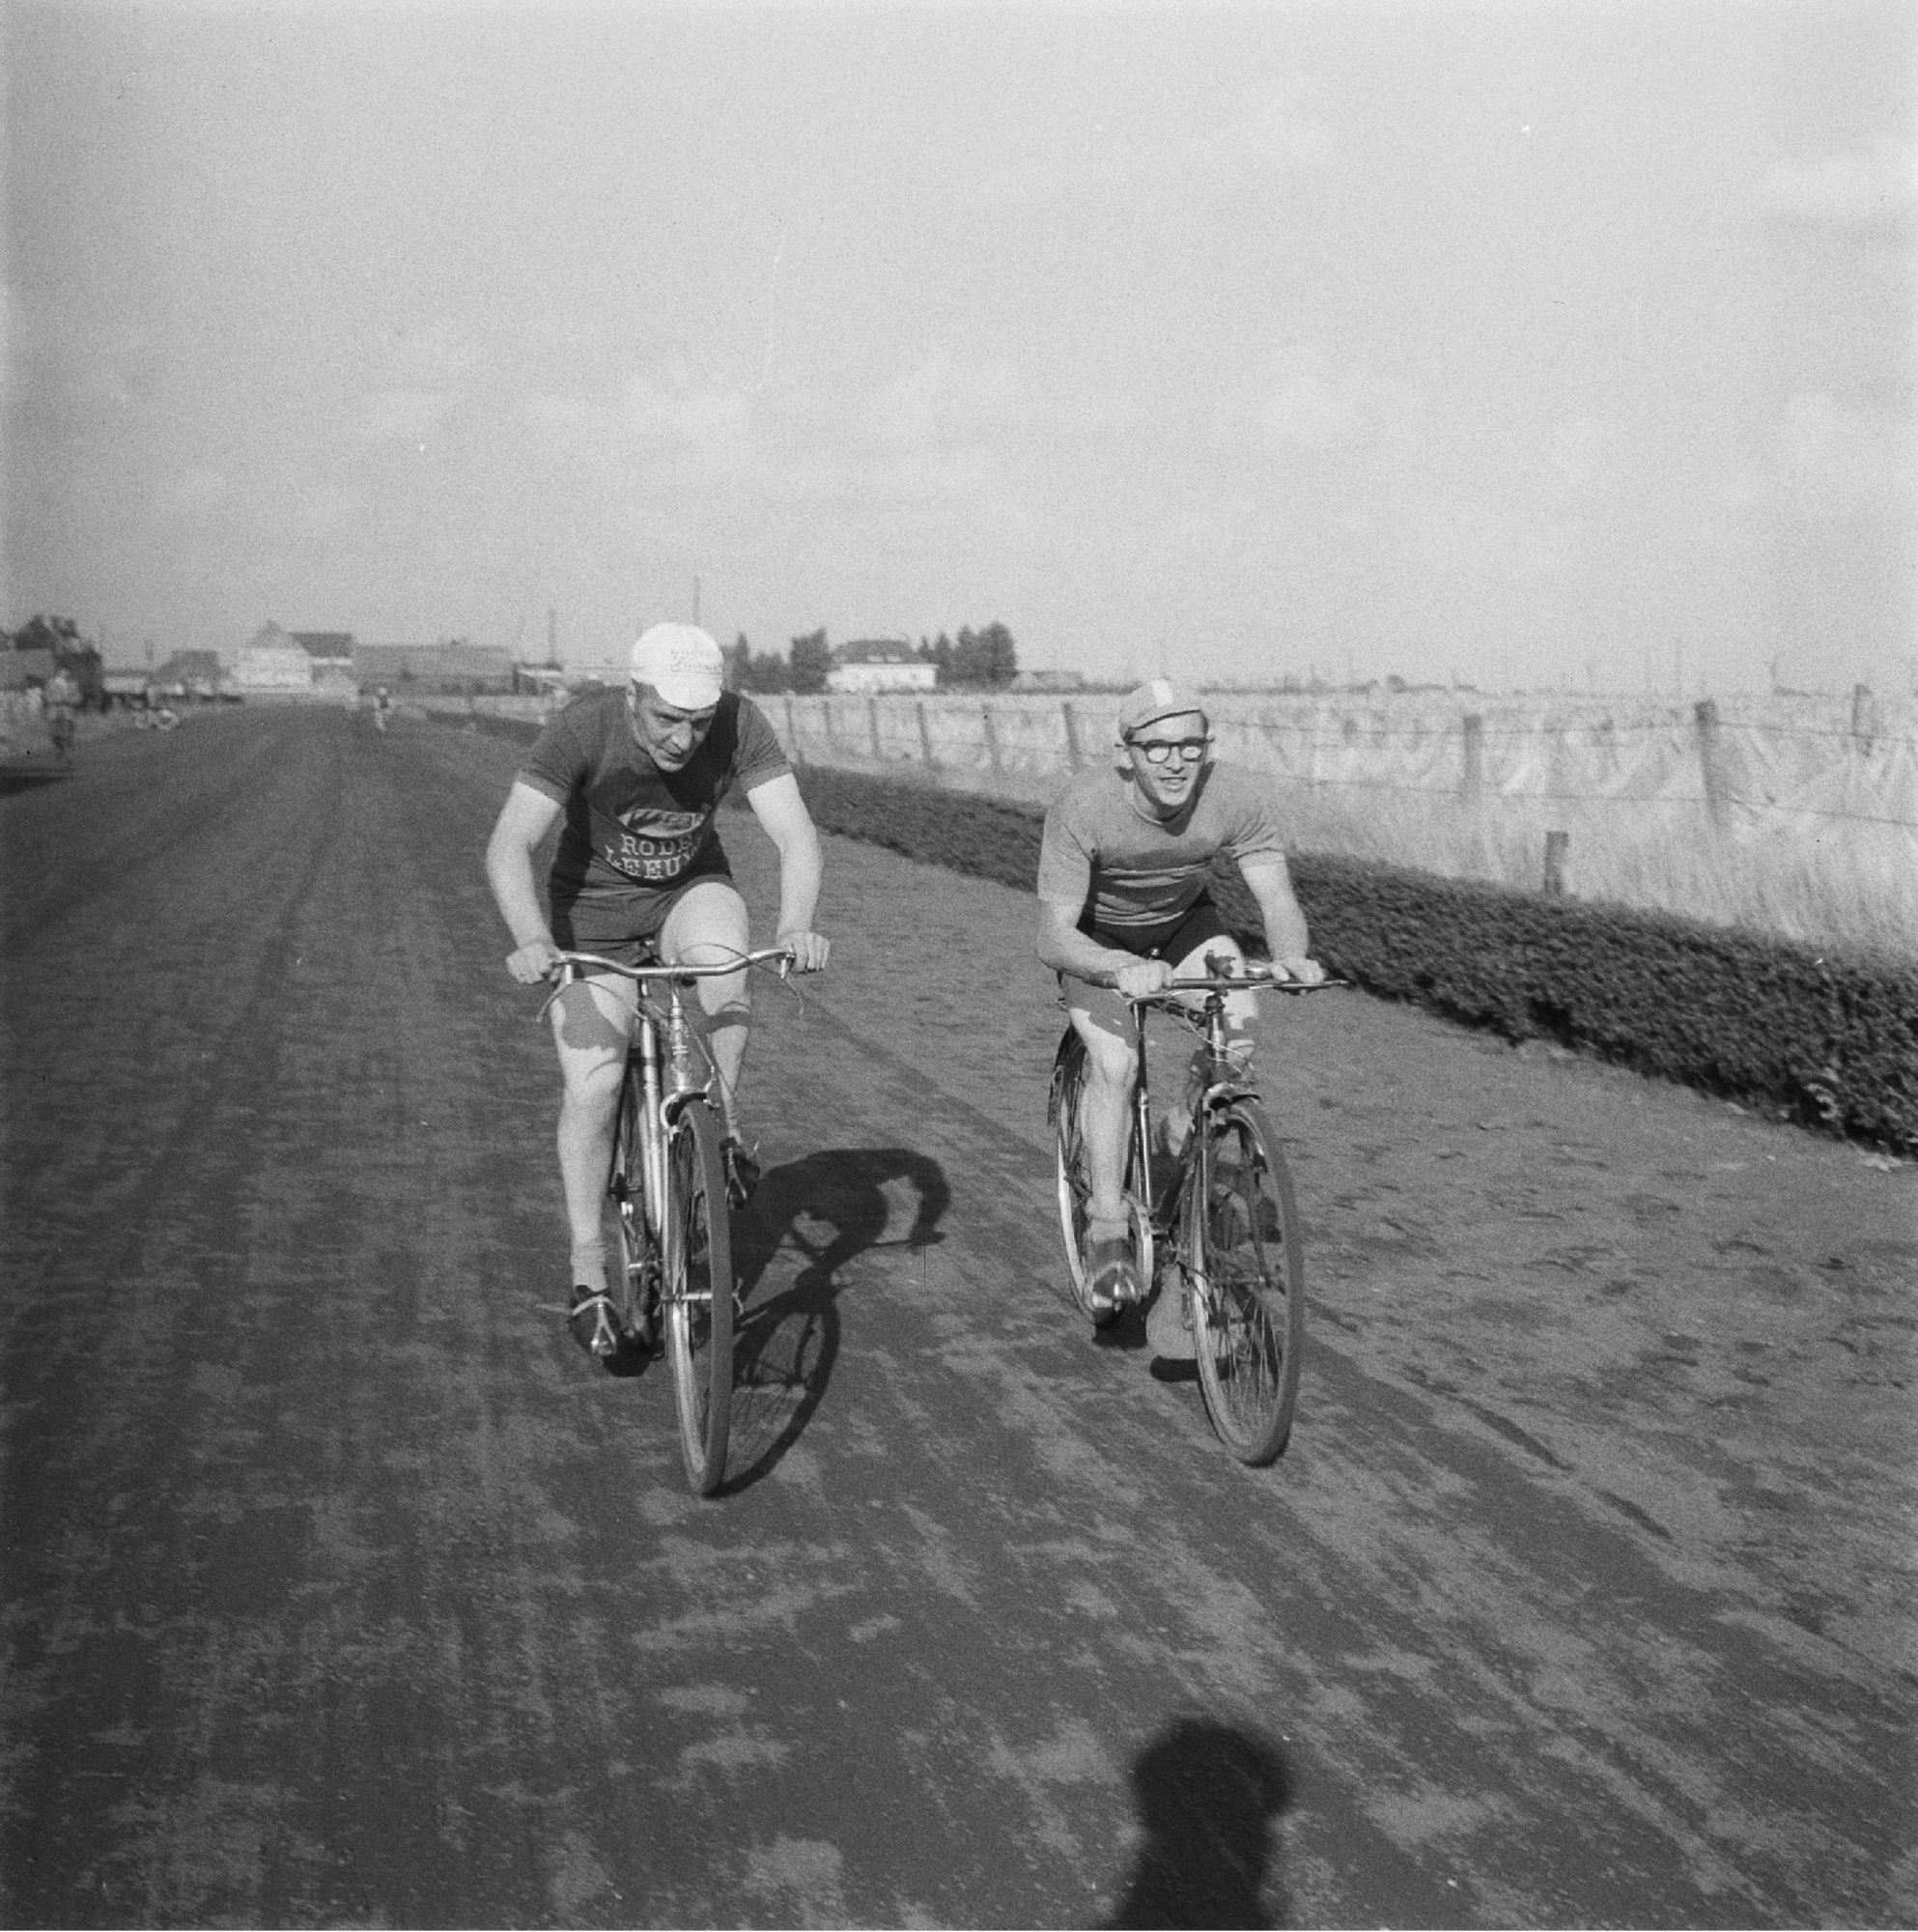 Hippodroomstraat - wielerwedstrijd anno 1955